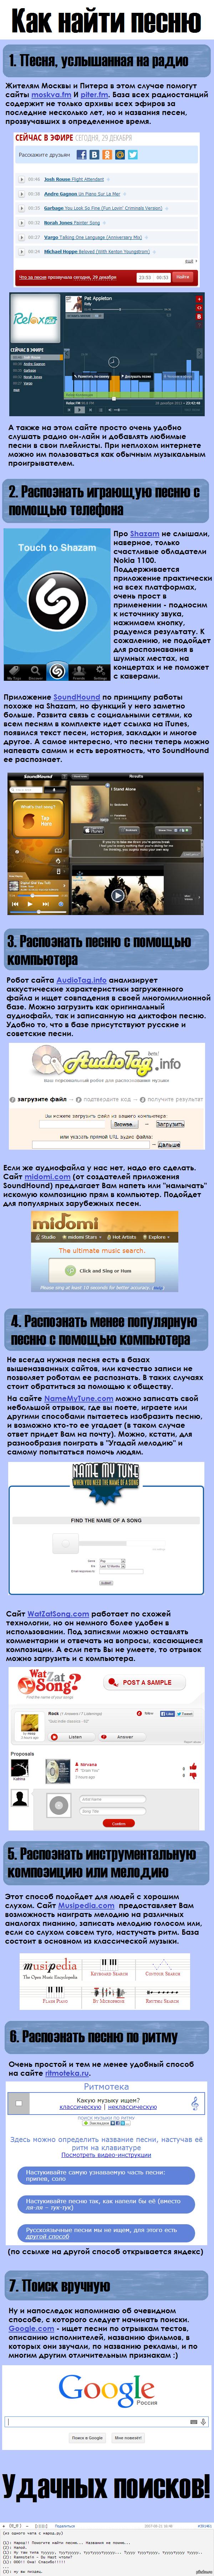 Несколько полезных сайтов и приложений для поиска музыки все ссылки в комментариях  Музыка, поиск музыки, полезное, длиннопост, не реклама, программы, сайты